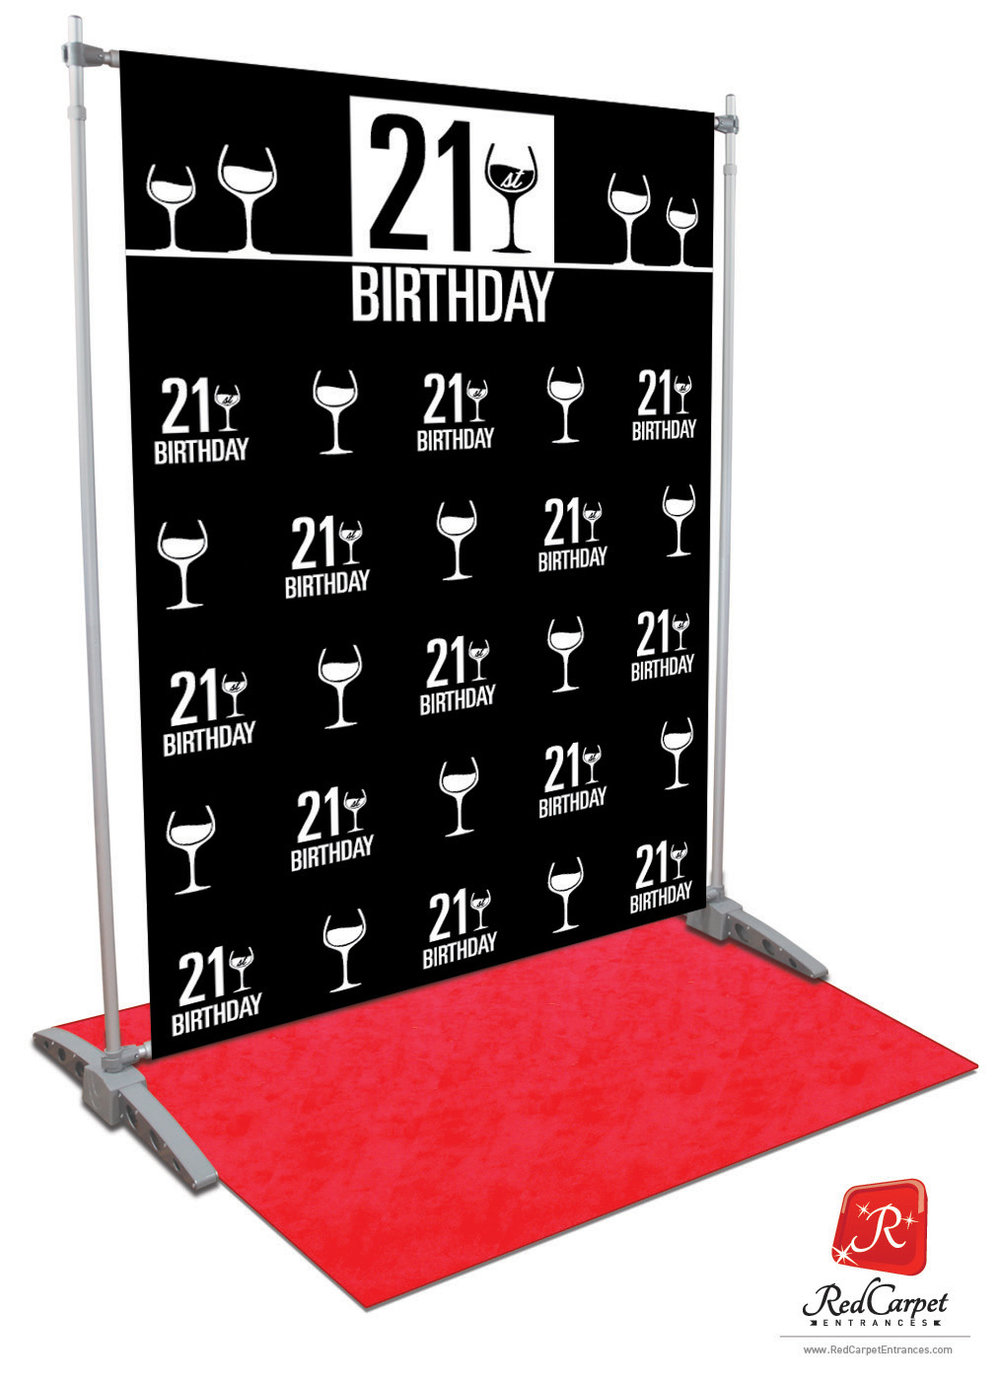 21st Birthday Backdrop Black 5x8 Red Carpet Runner